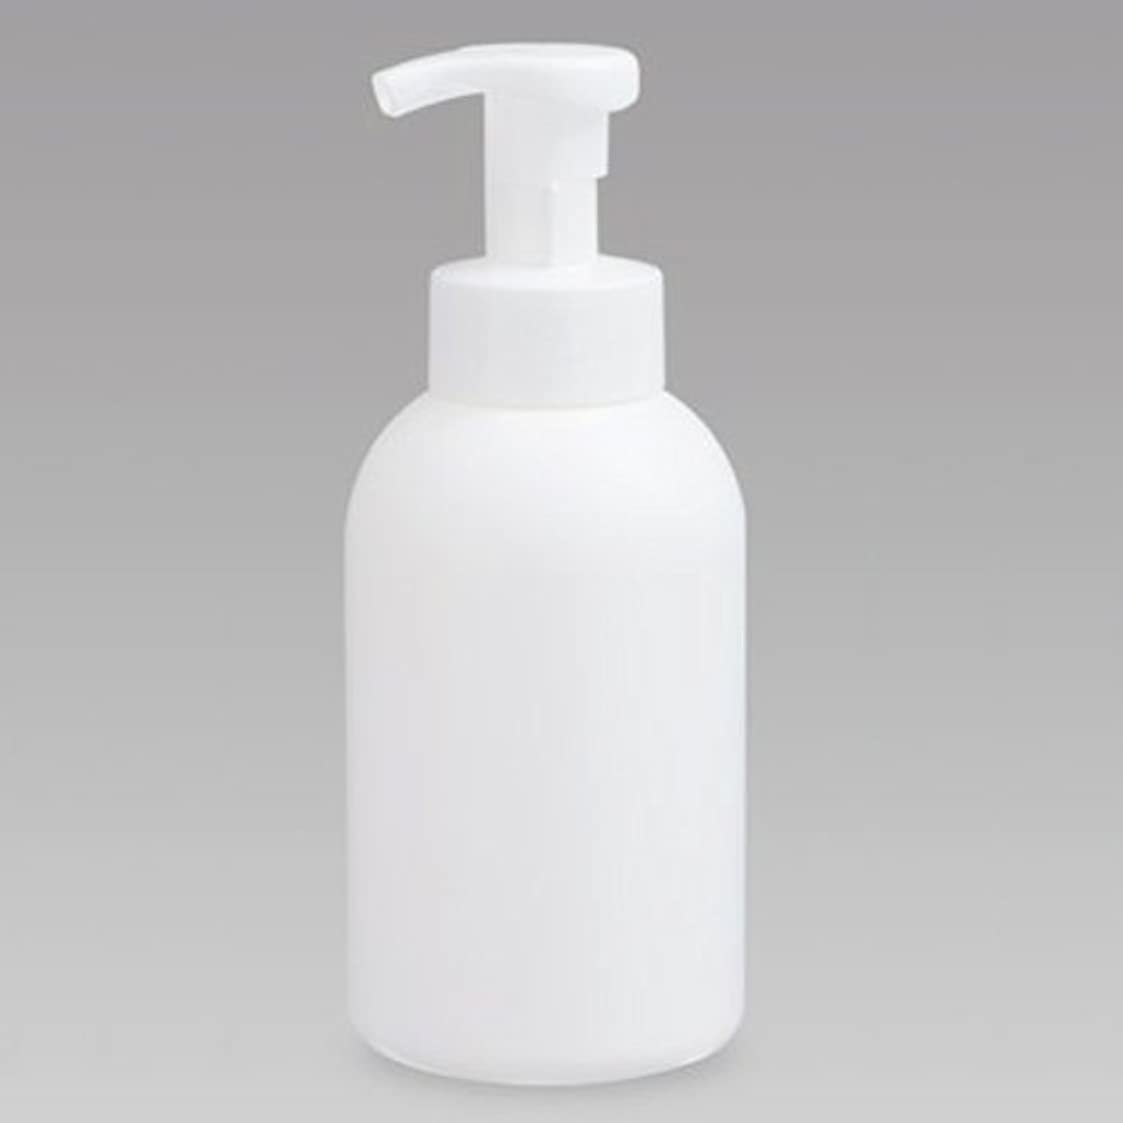 平衡聖職者結果泡ボトル 泡ポンプボトル 500mL(PE) ホワイト 詰め替え 詰替 泡ハンドソープ 全身石鹸 ボディソープ 洗顔フォーム